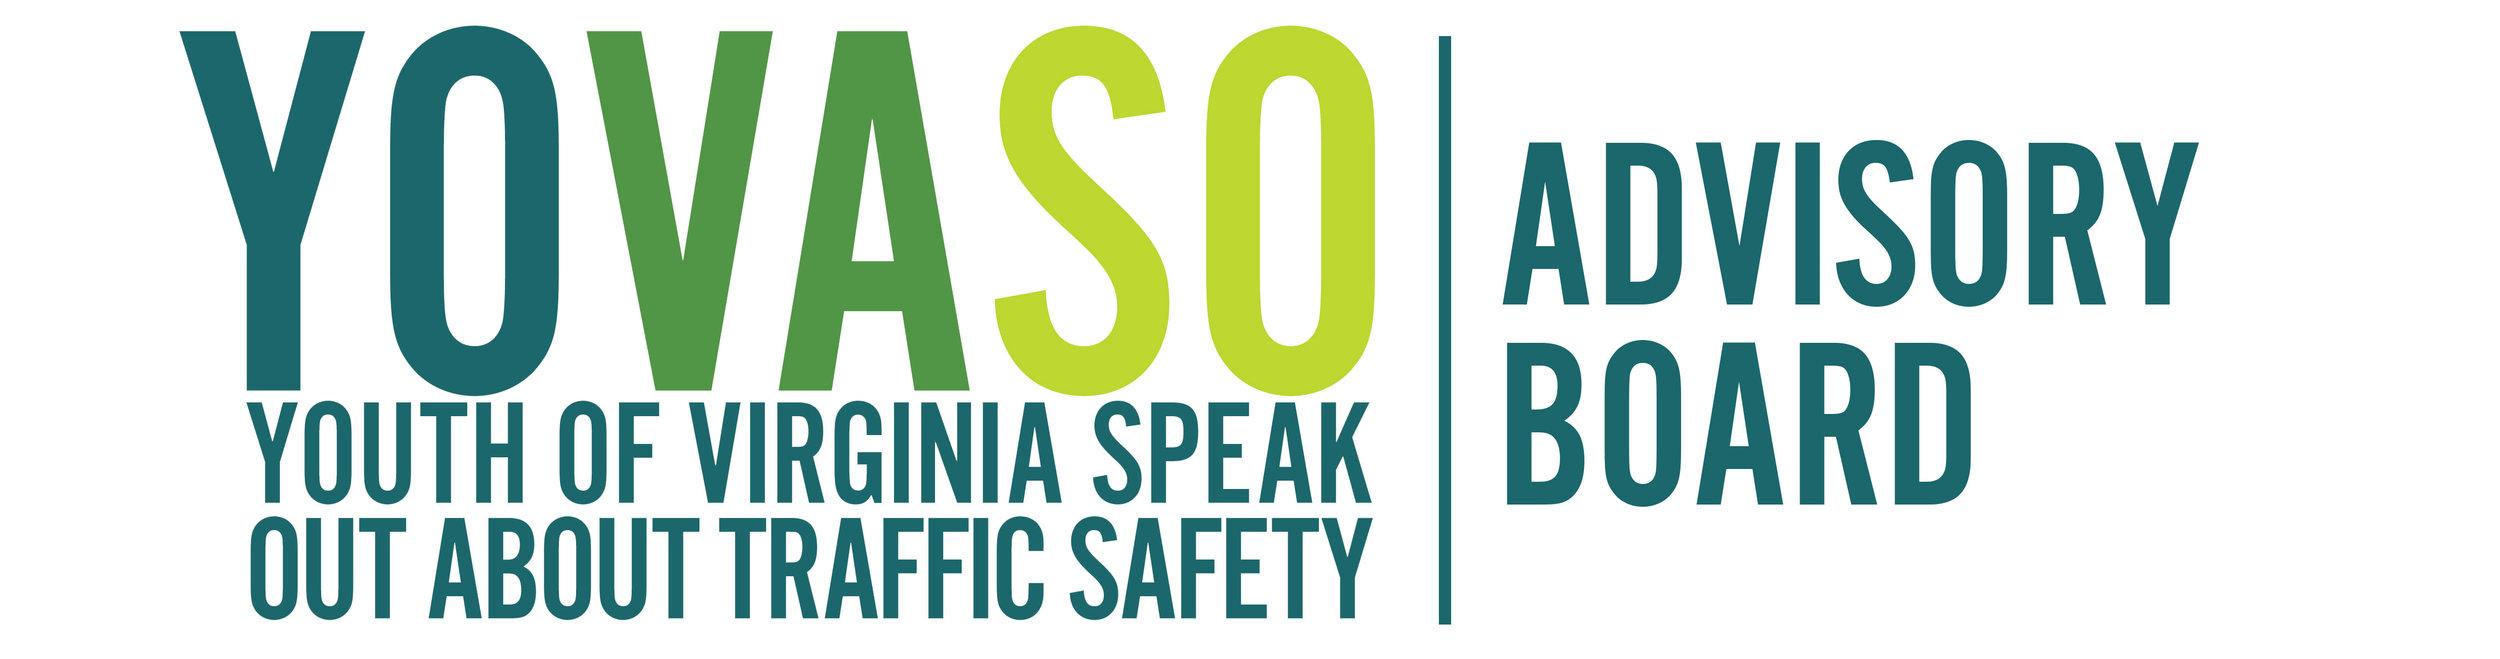 YOVASO AB logo.jpg